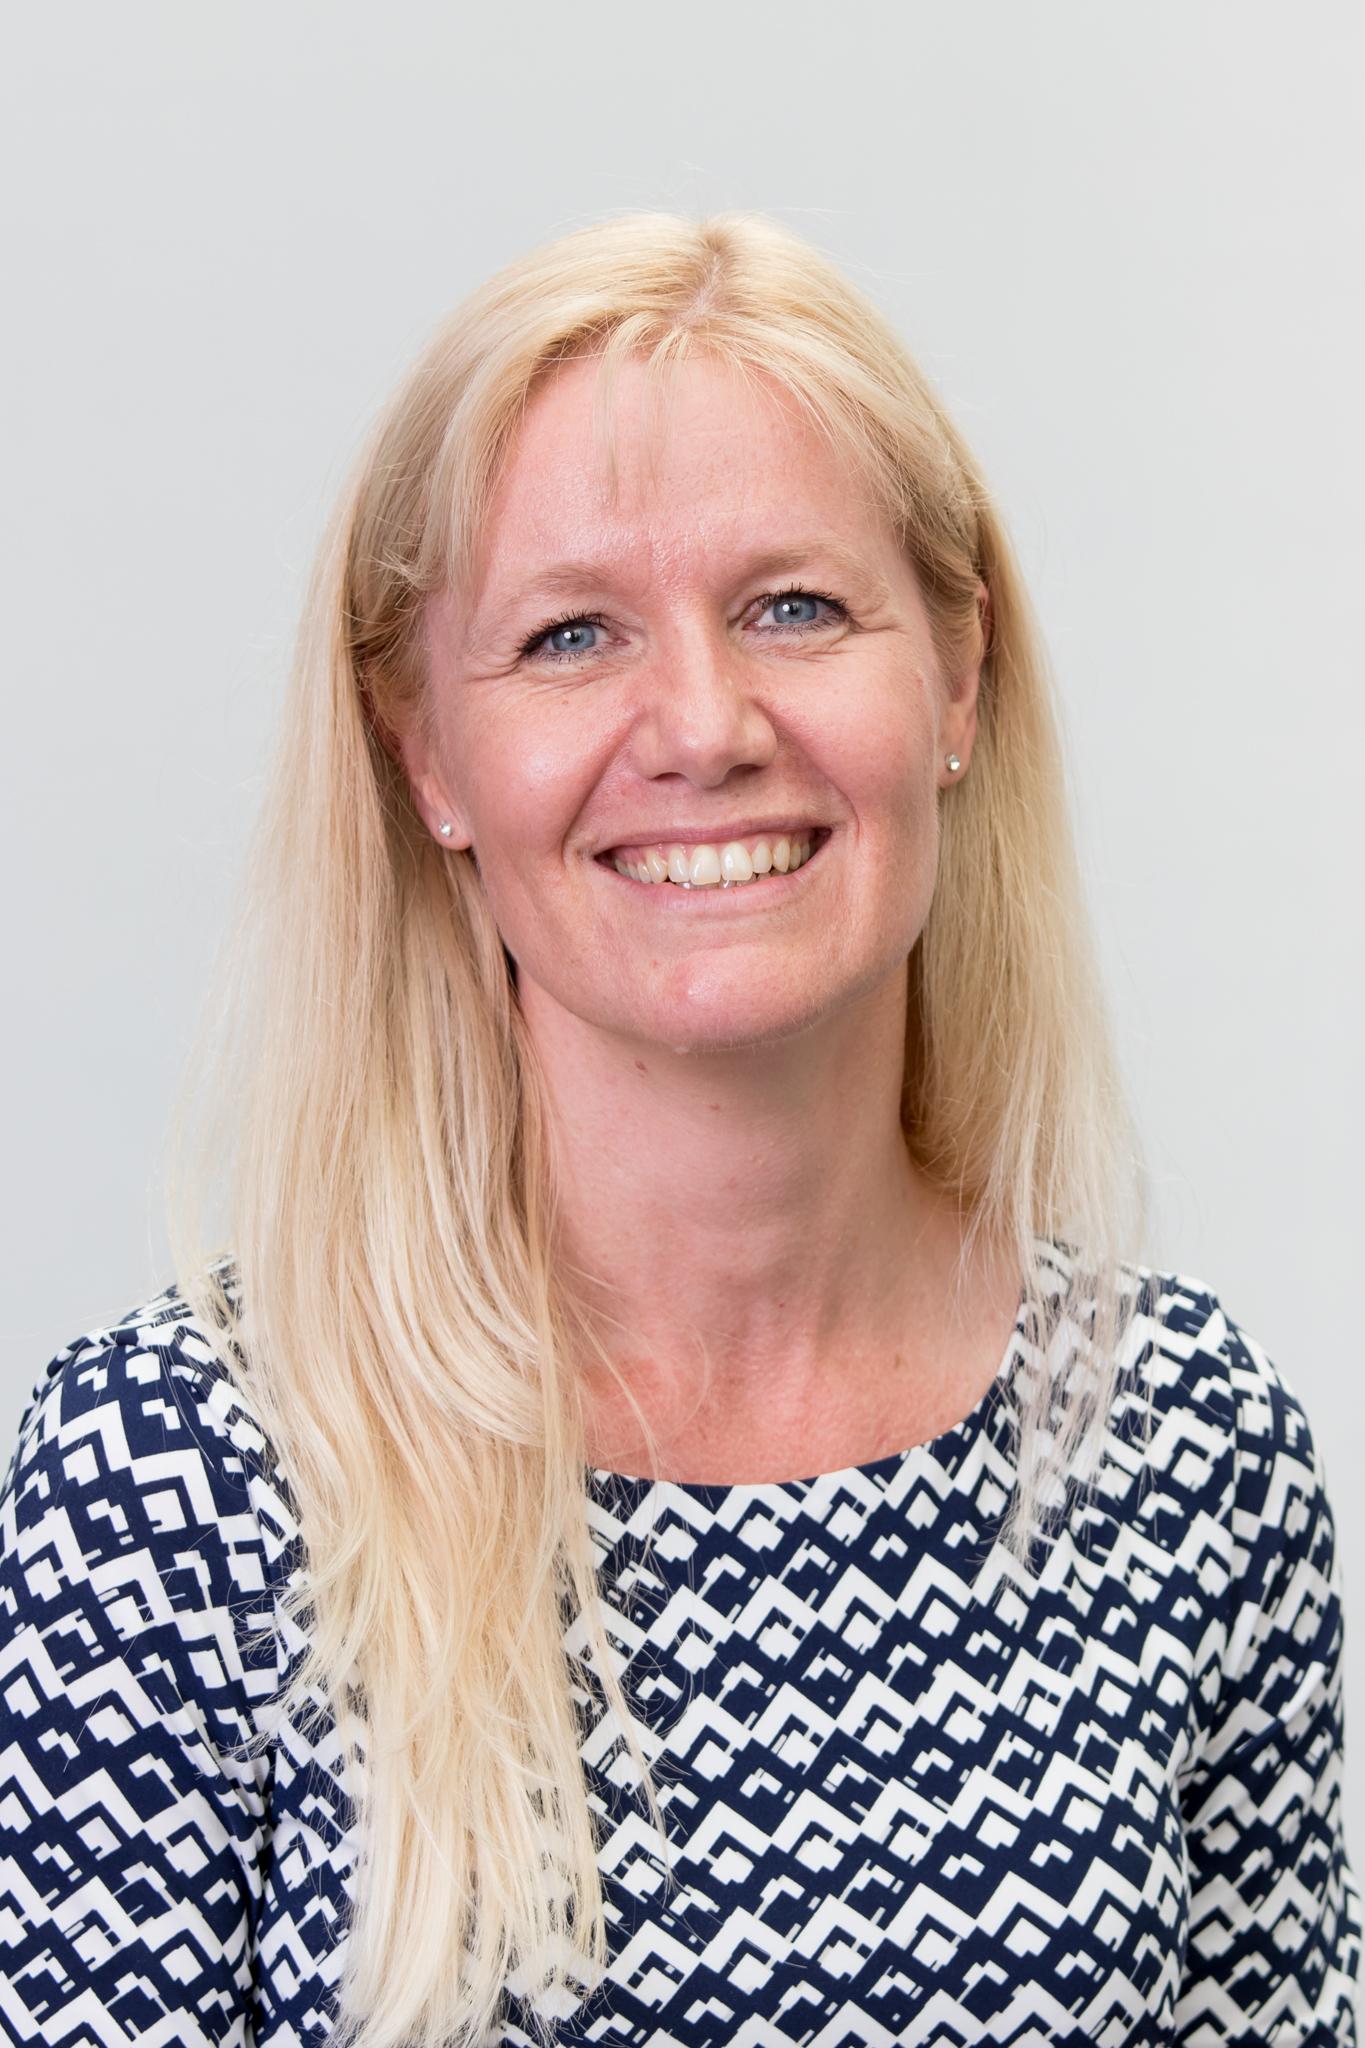 Lisbeth Gjørup Petersen